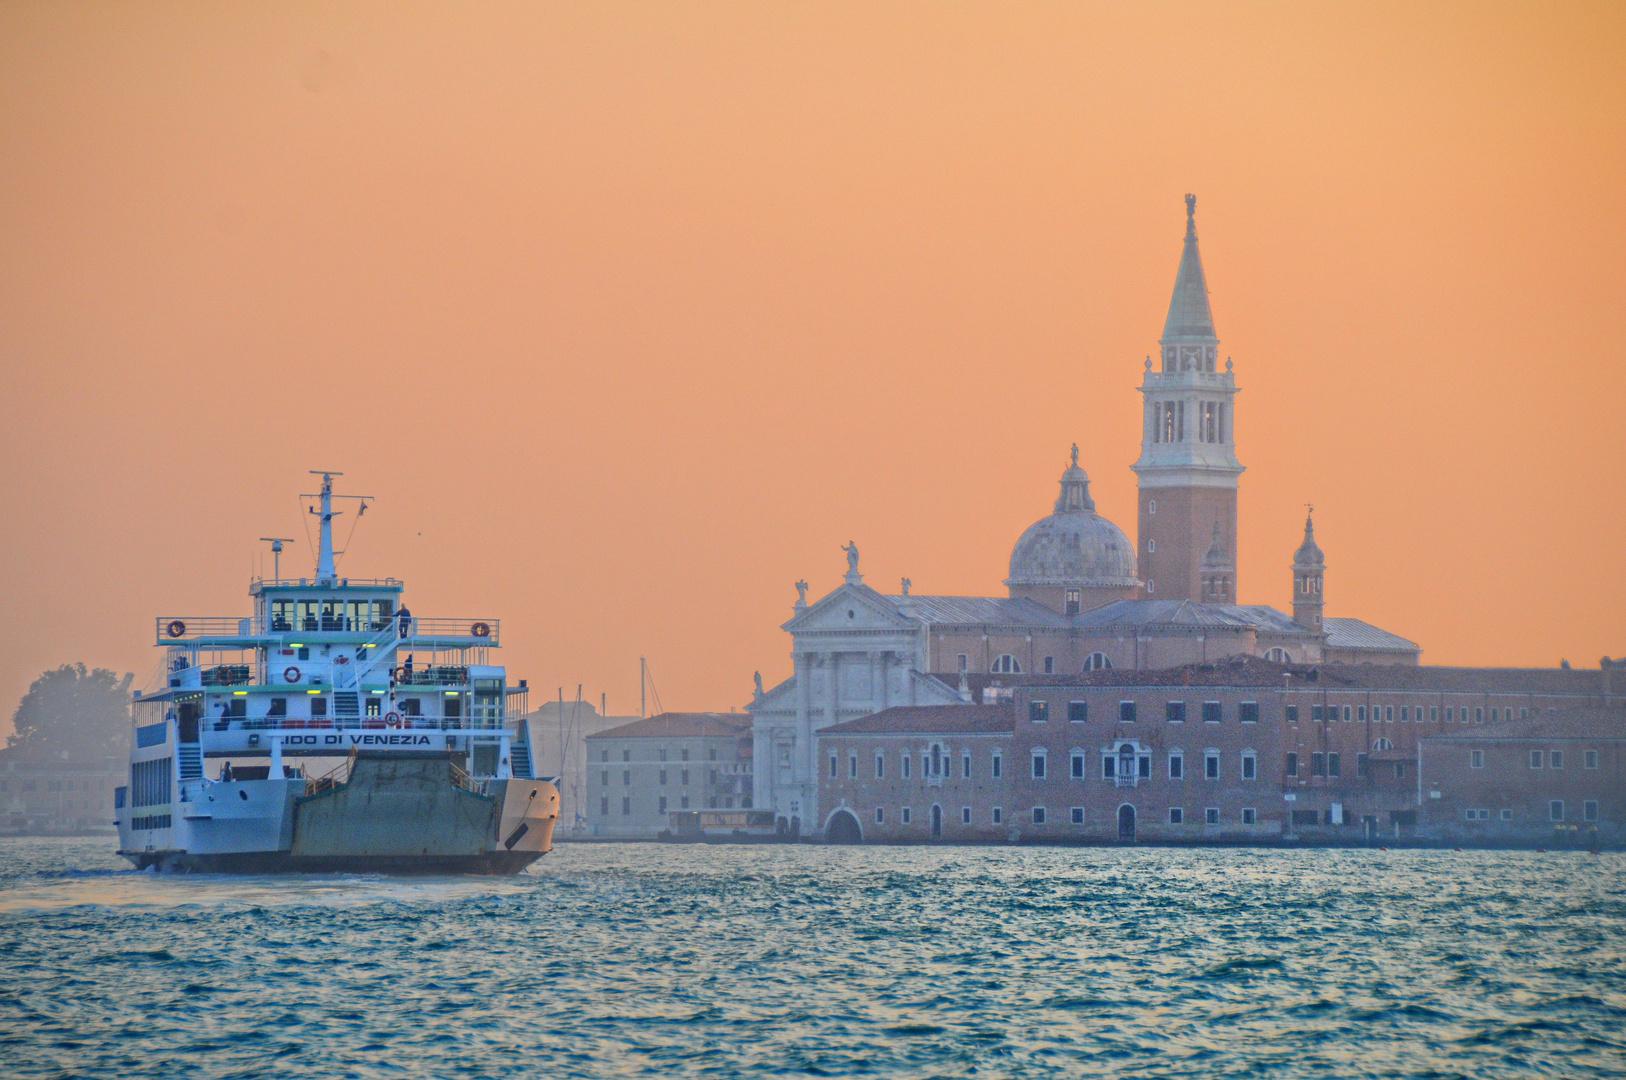 Venedig - Abend auf der Lagune